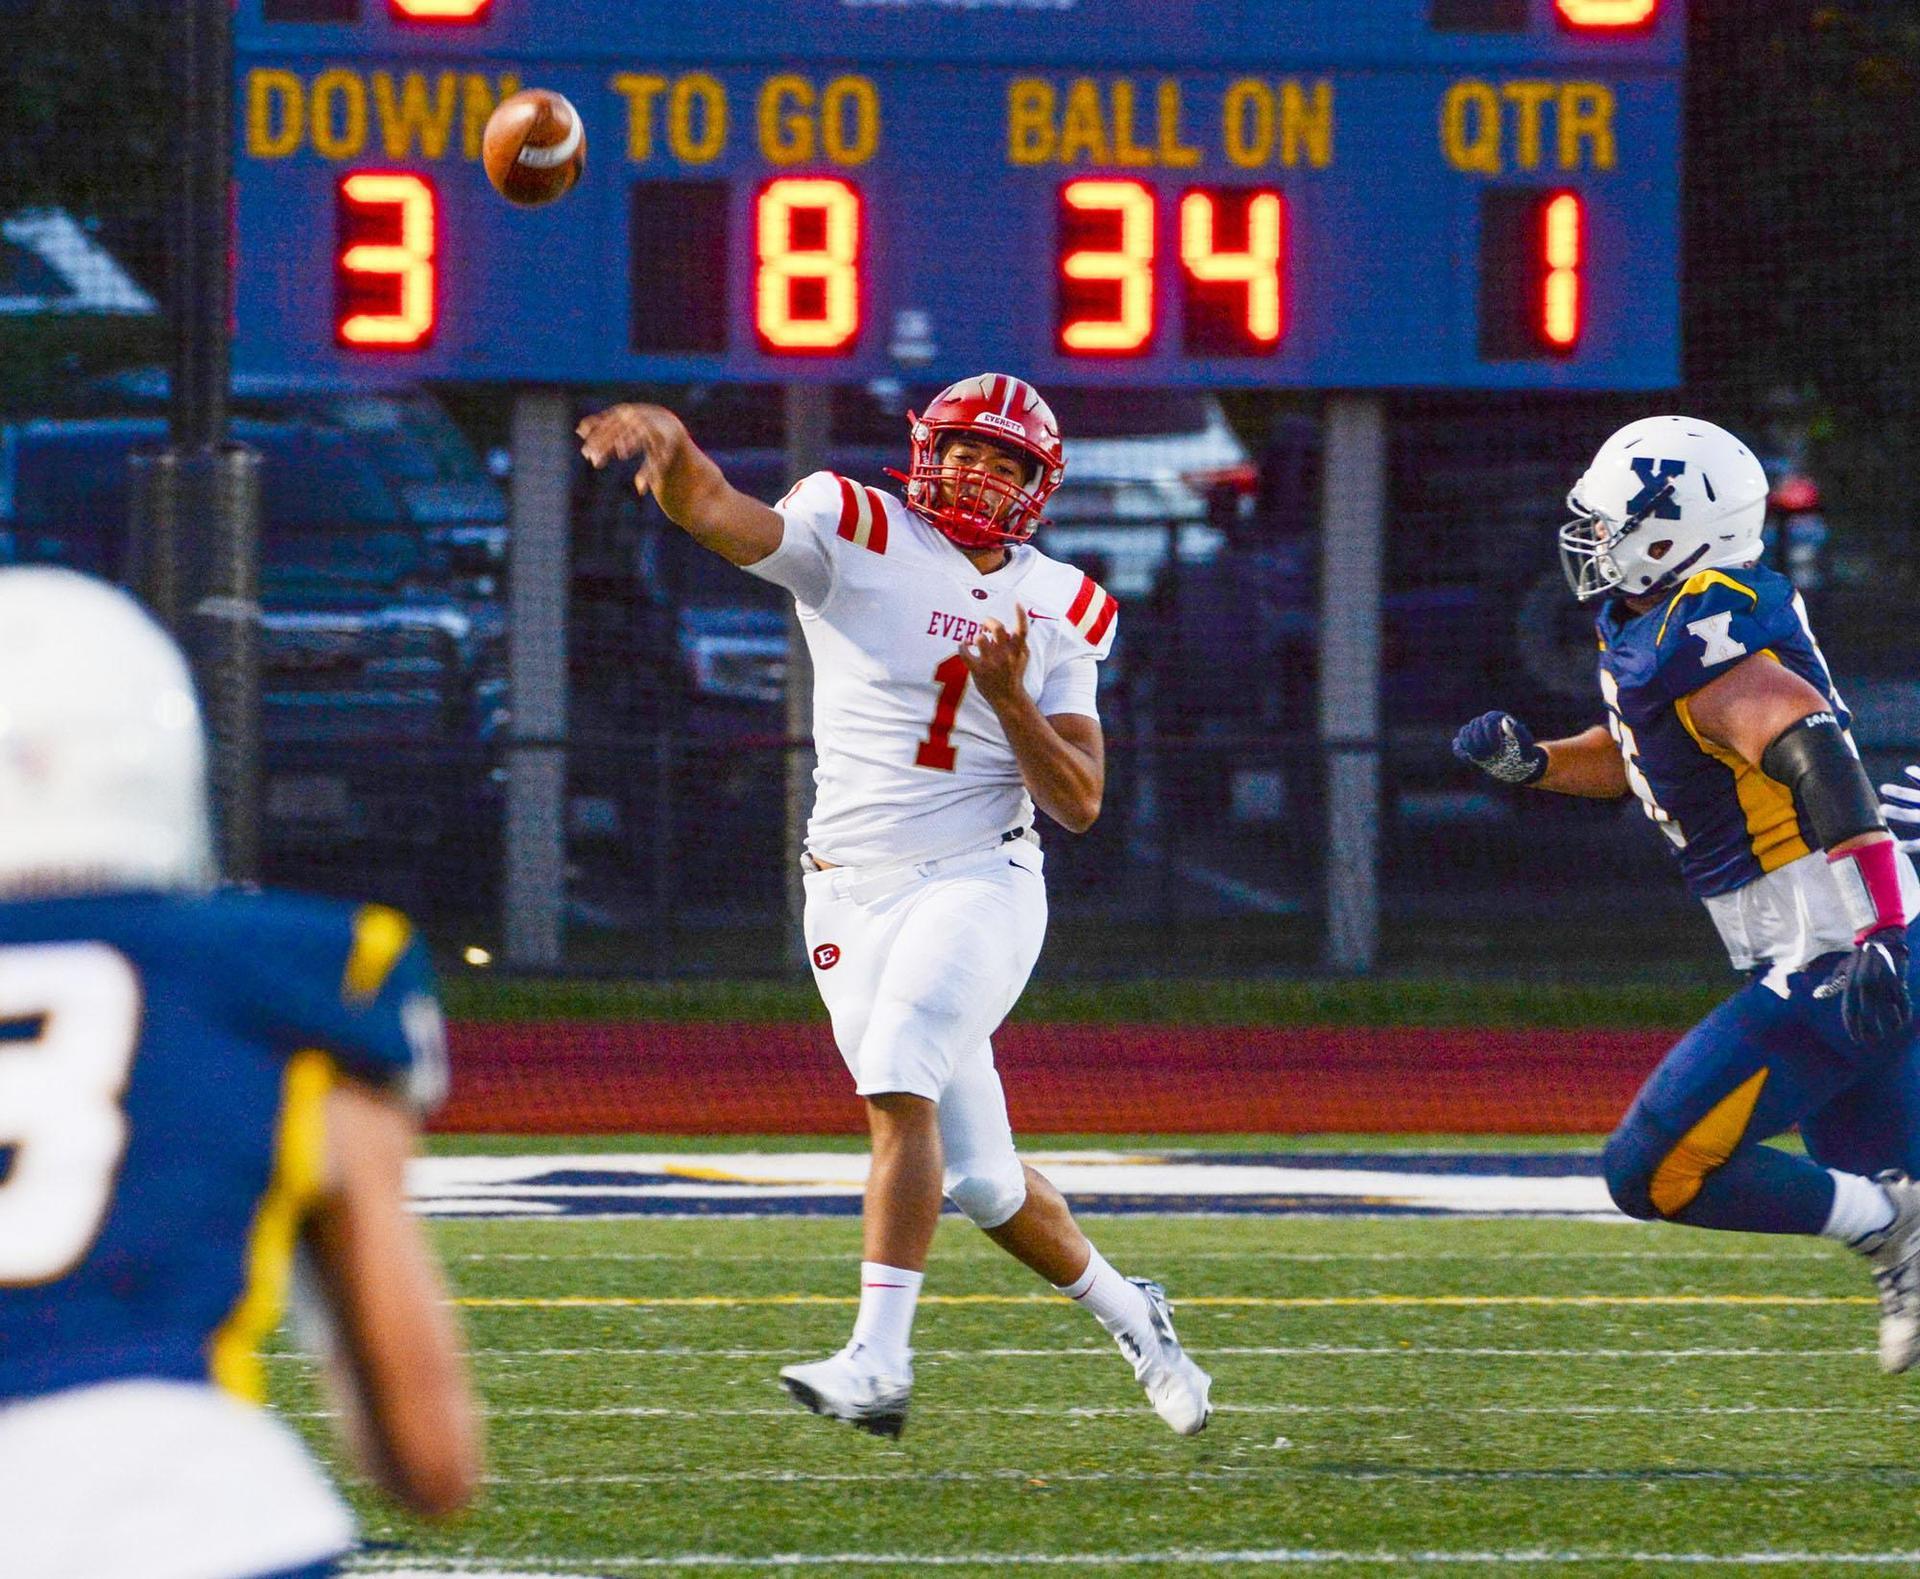 EHS quarterback makes a thrown on the run